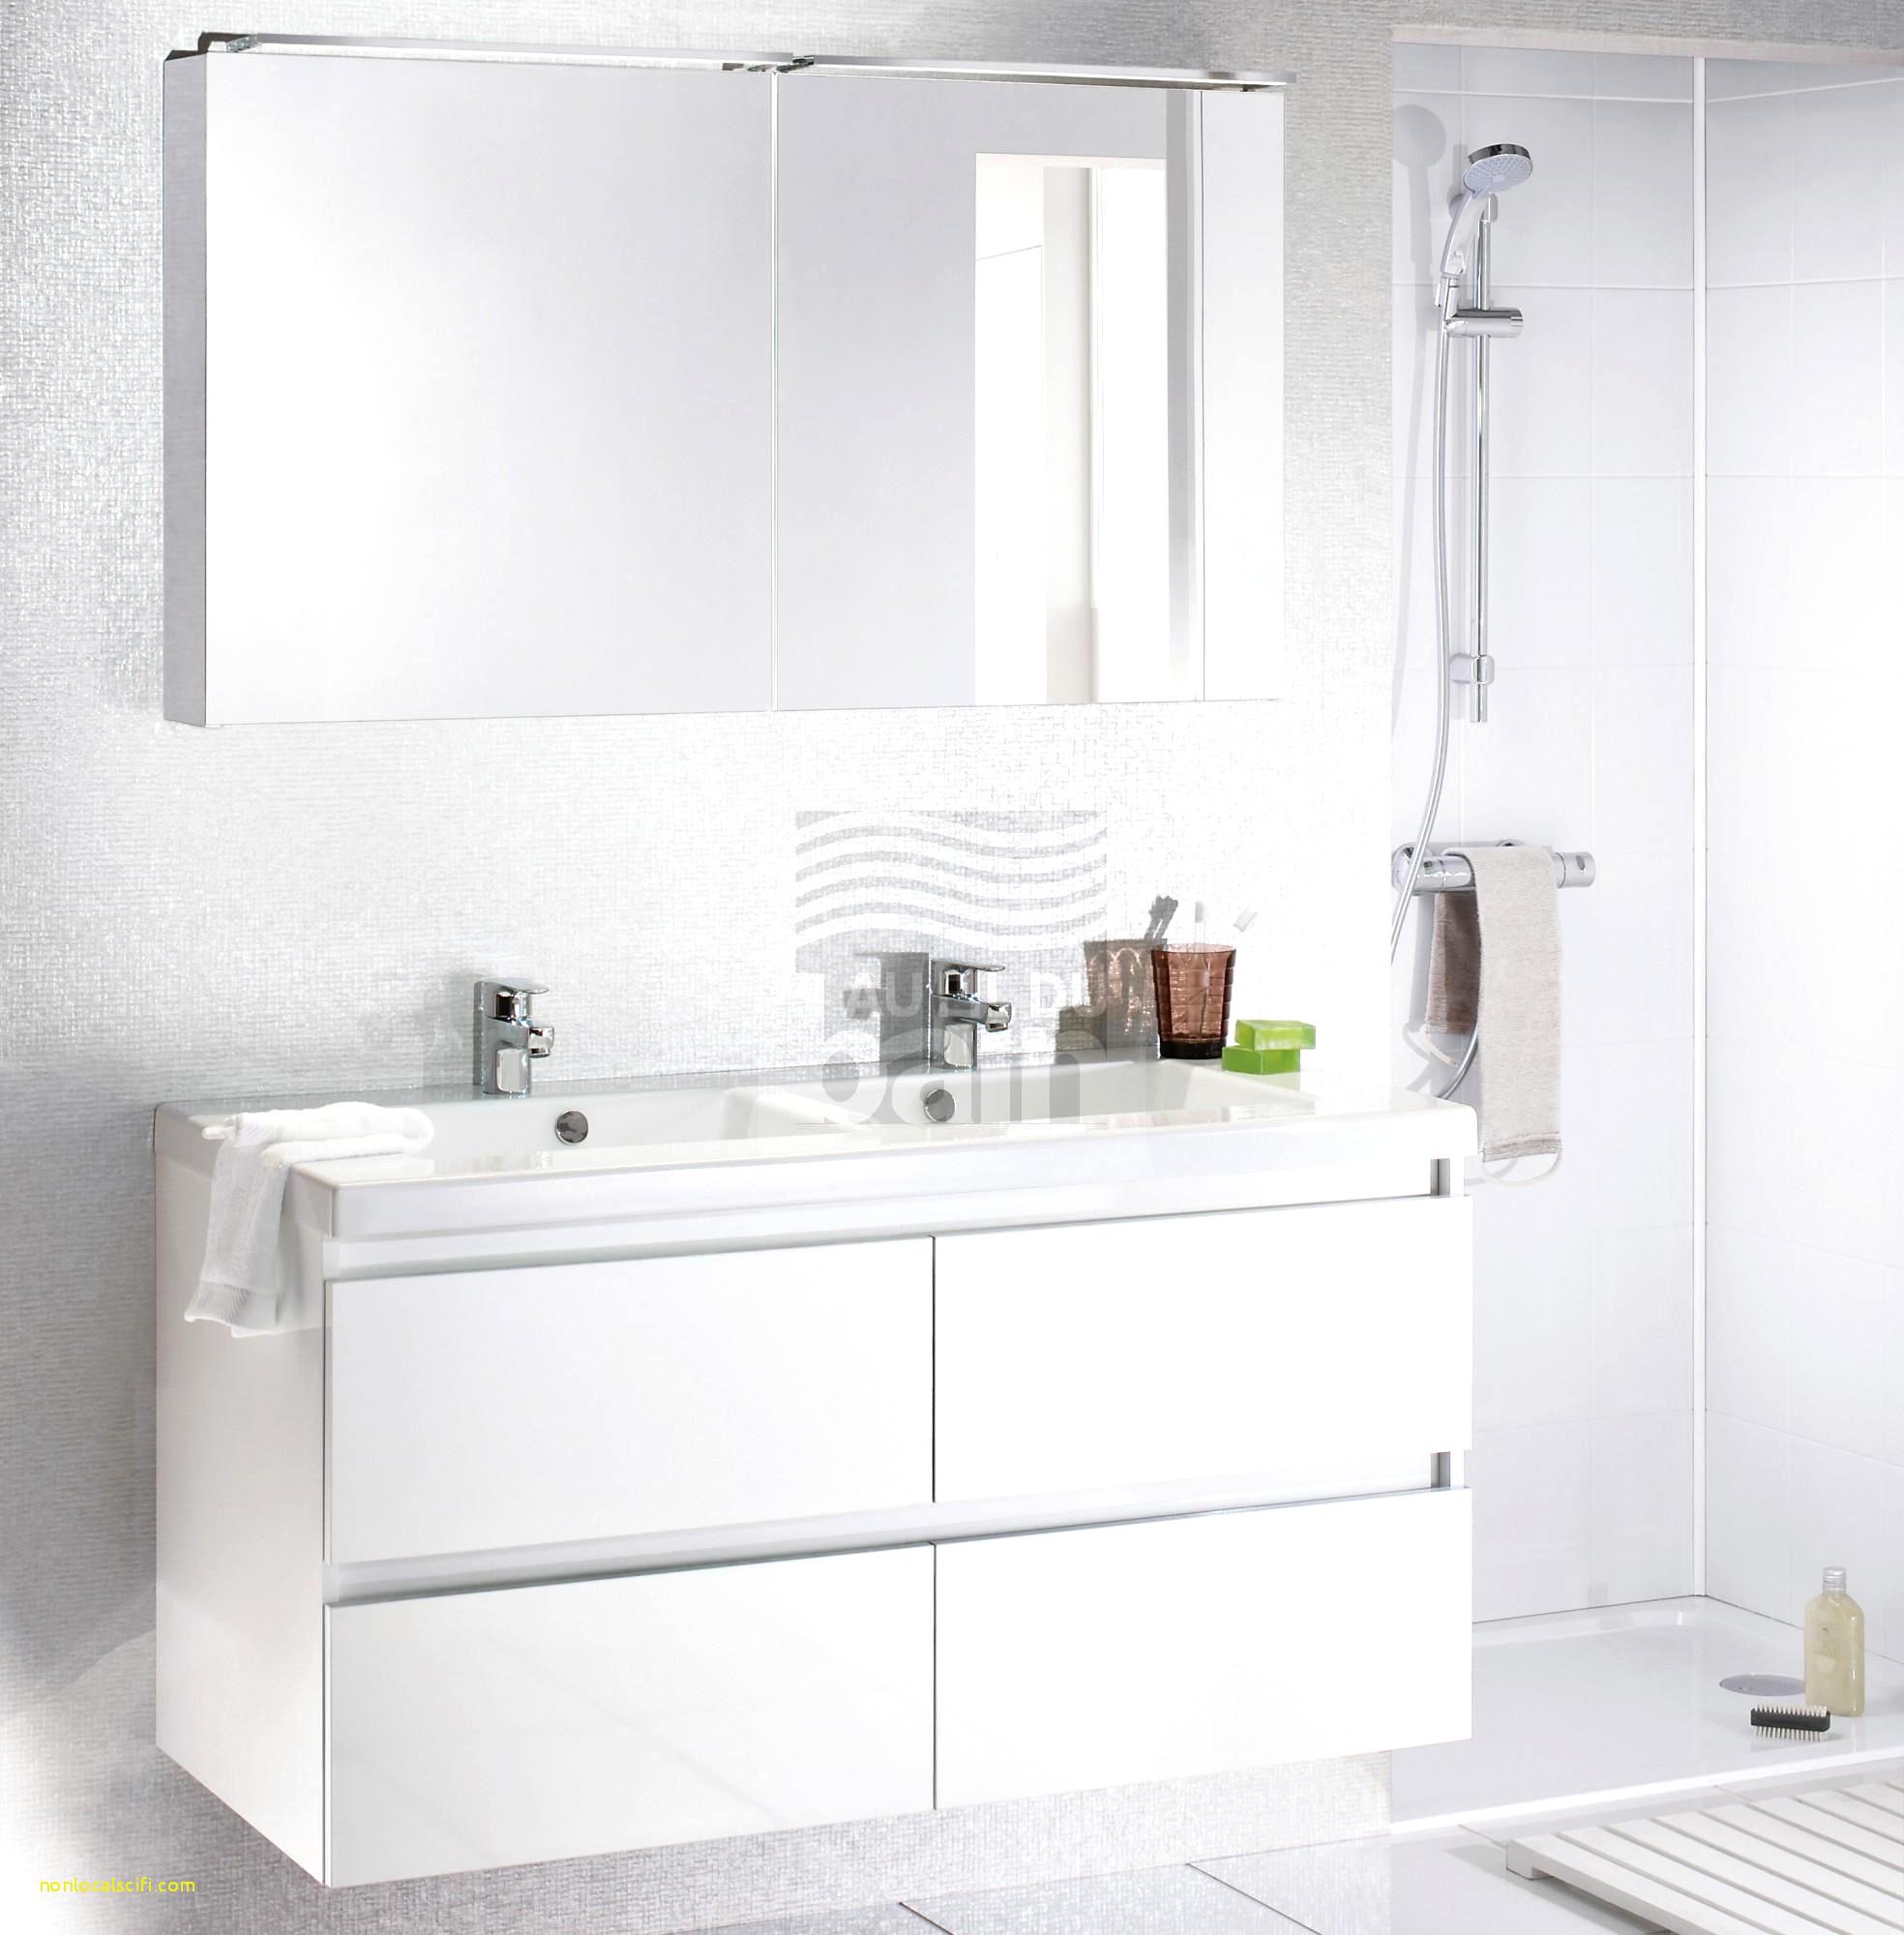 Vasque à Poser Ikea Inspirant Images Résultat Supérieur 99 Frais 2 Vasques Salle De Bain Graphie